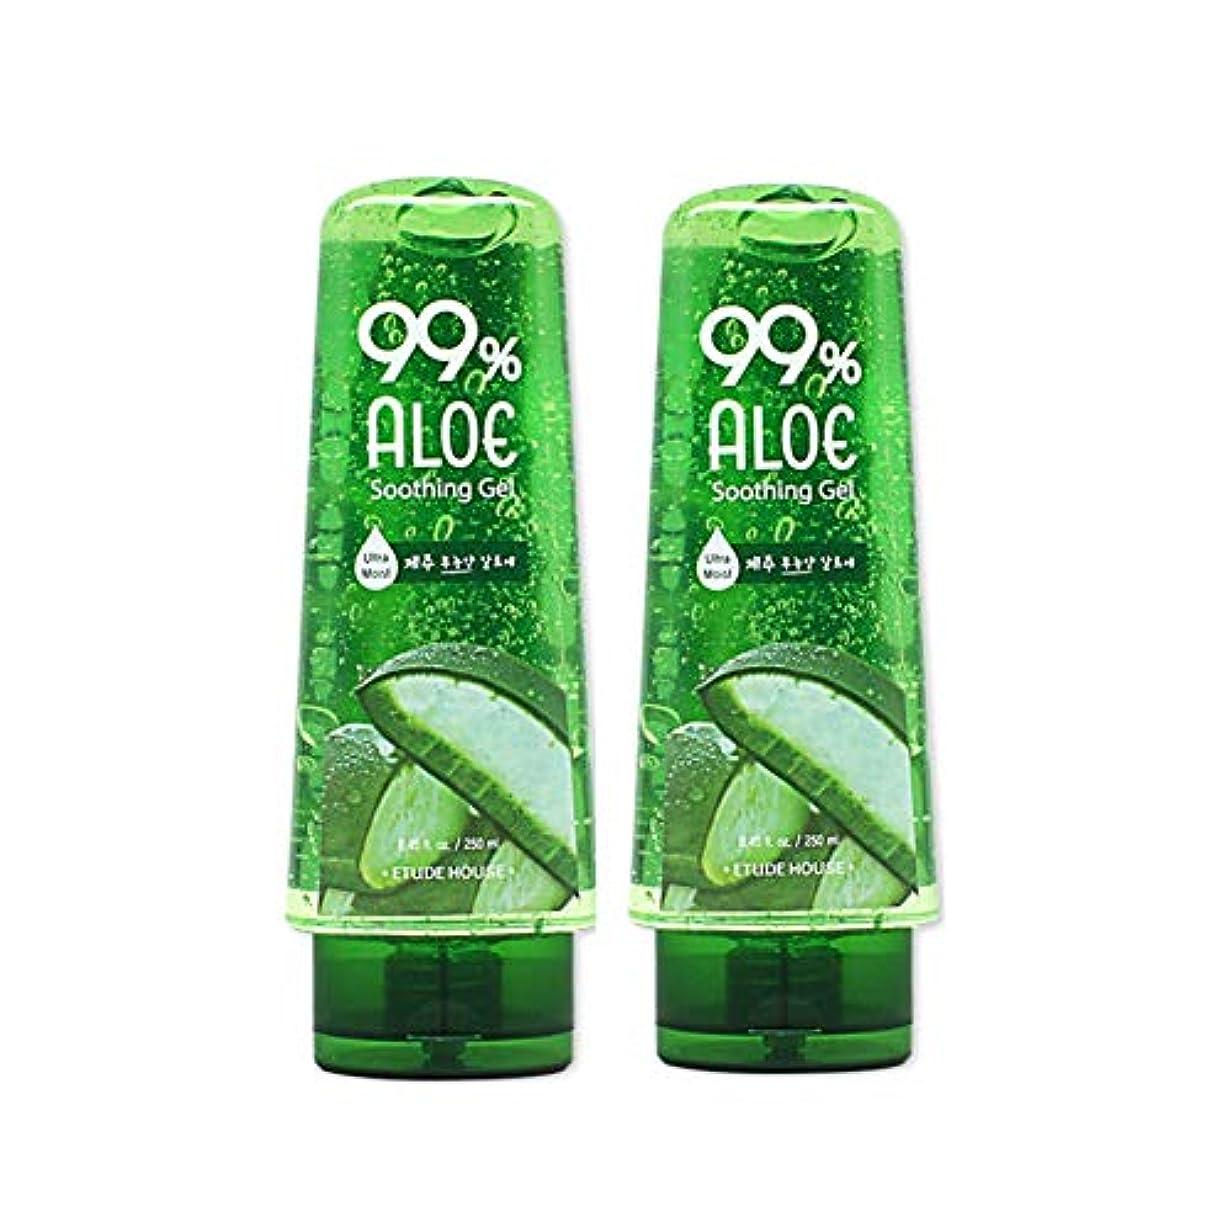 後バスルーム追跡エチュードハウス99%アロエスージングジェル250mlx2本セット韓国コスメ、Etude House 99% Aloe Soothing Gel 250ml x 2ea Set Korean Cosmetics [並行輸入品]